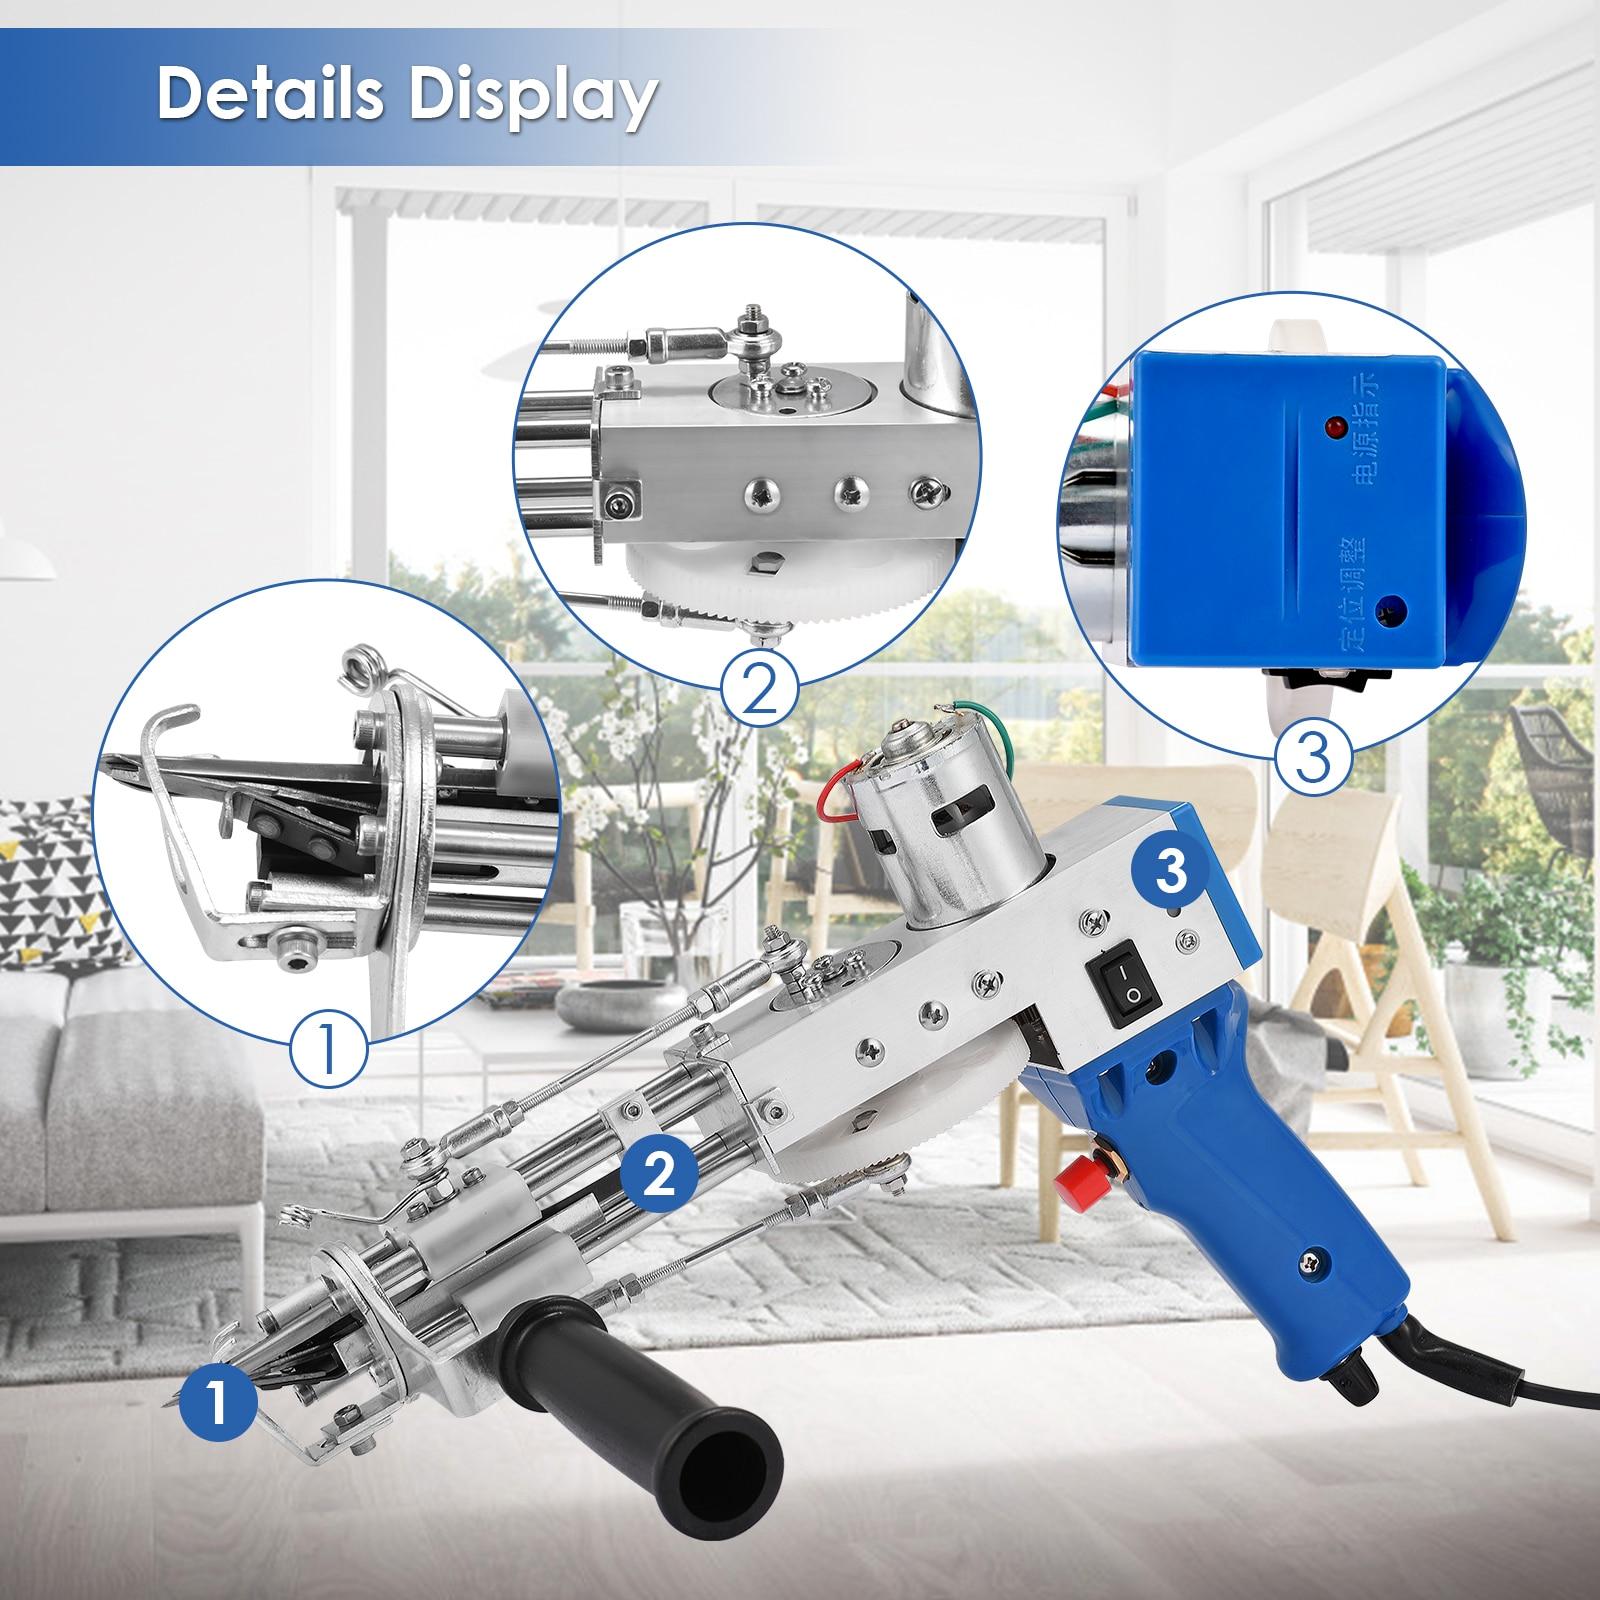 Electric Carpet Tufting Gun Carpet Weaving Machine 100-240V Flocking Machine Hand-Held Industrial Tufting Gun Rug Making Tools enlarge